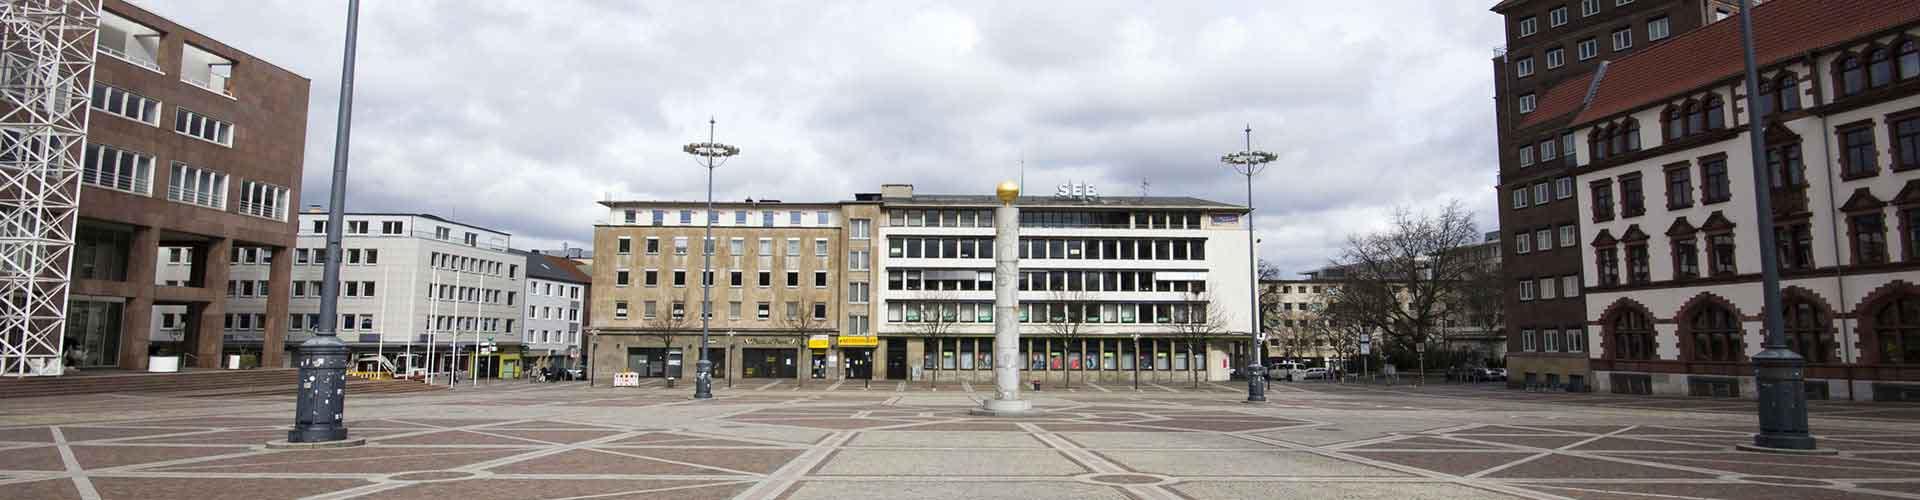 Dortmund - Albergues en Dortmund. Mapas de Dortmund, Fotos y Comentarios para cada Albergue en Dortmund.